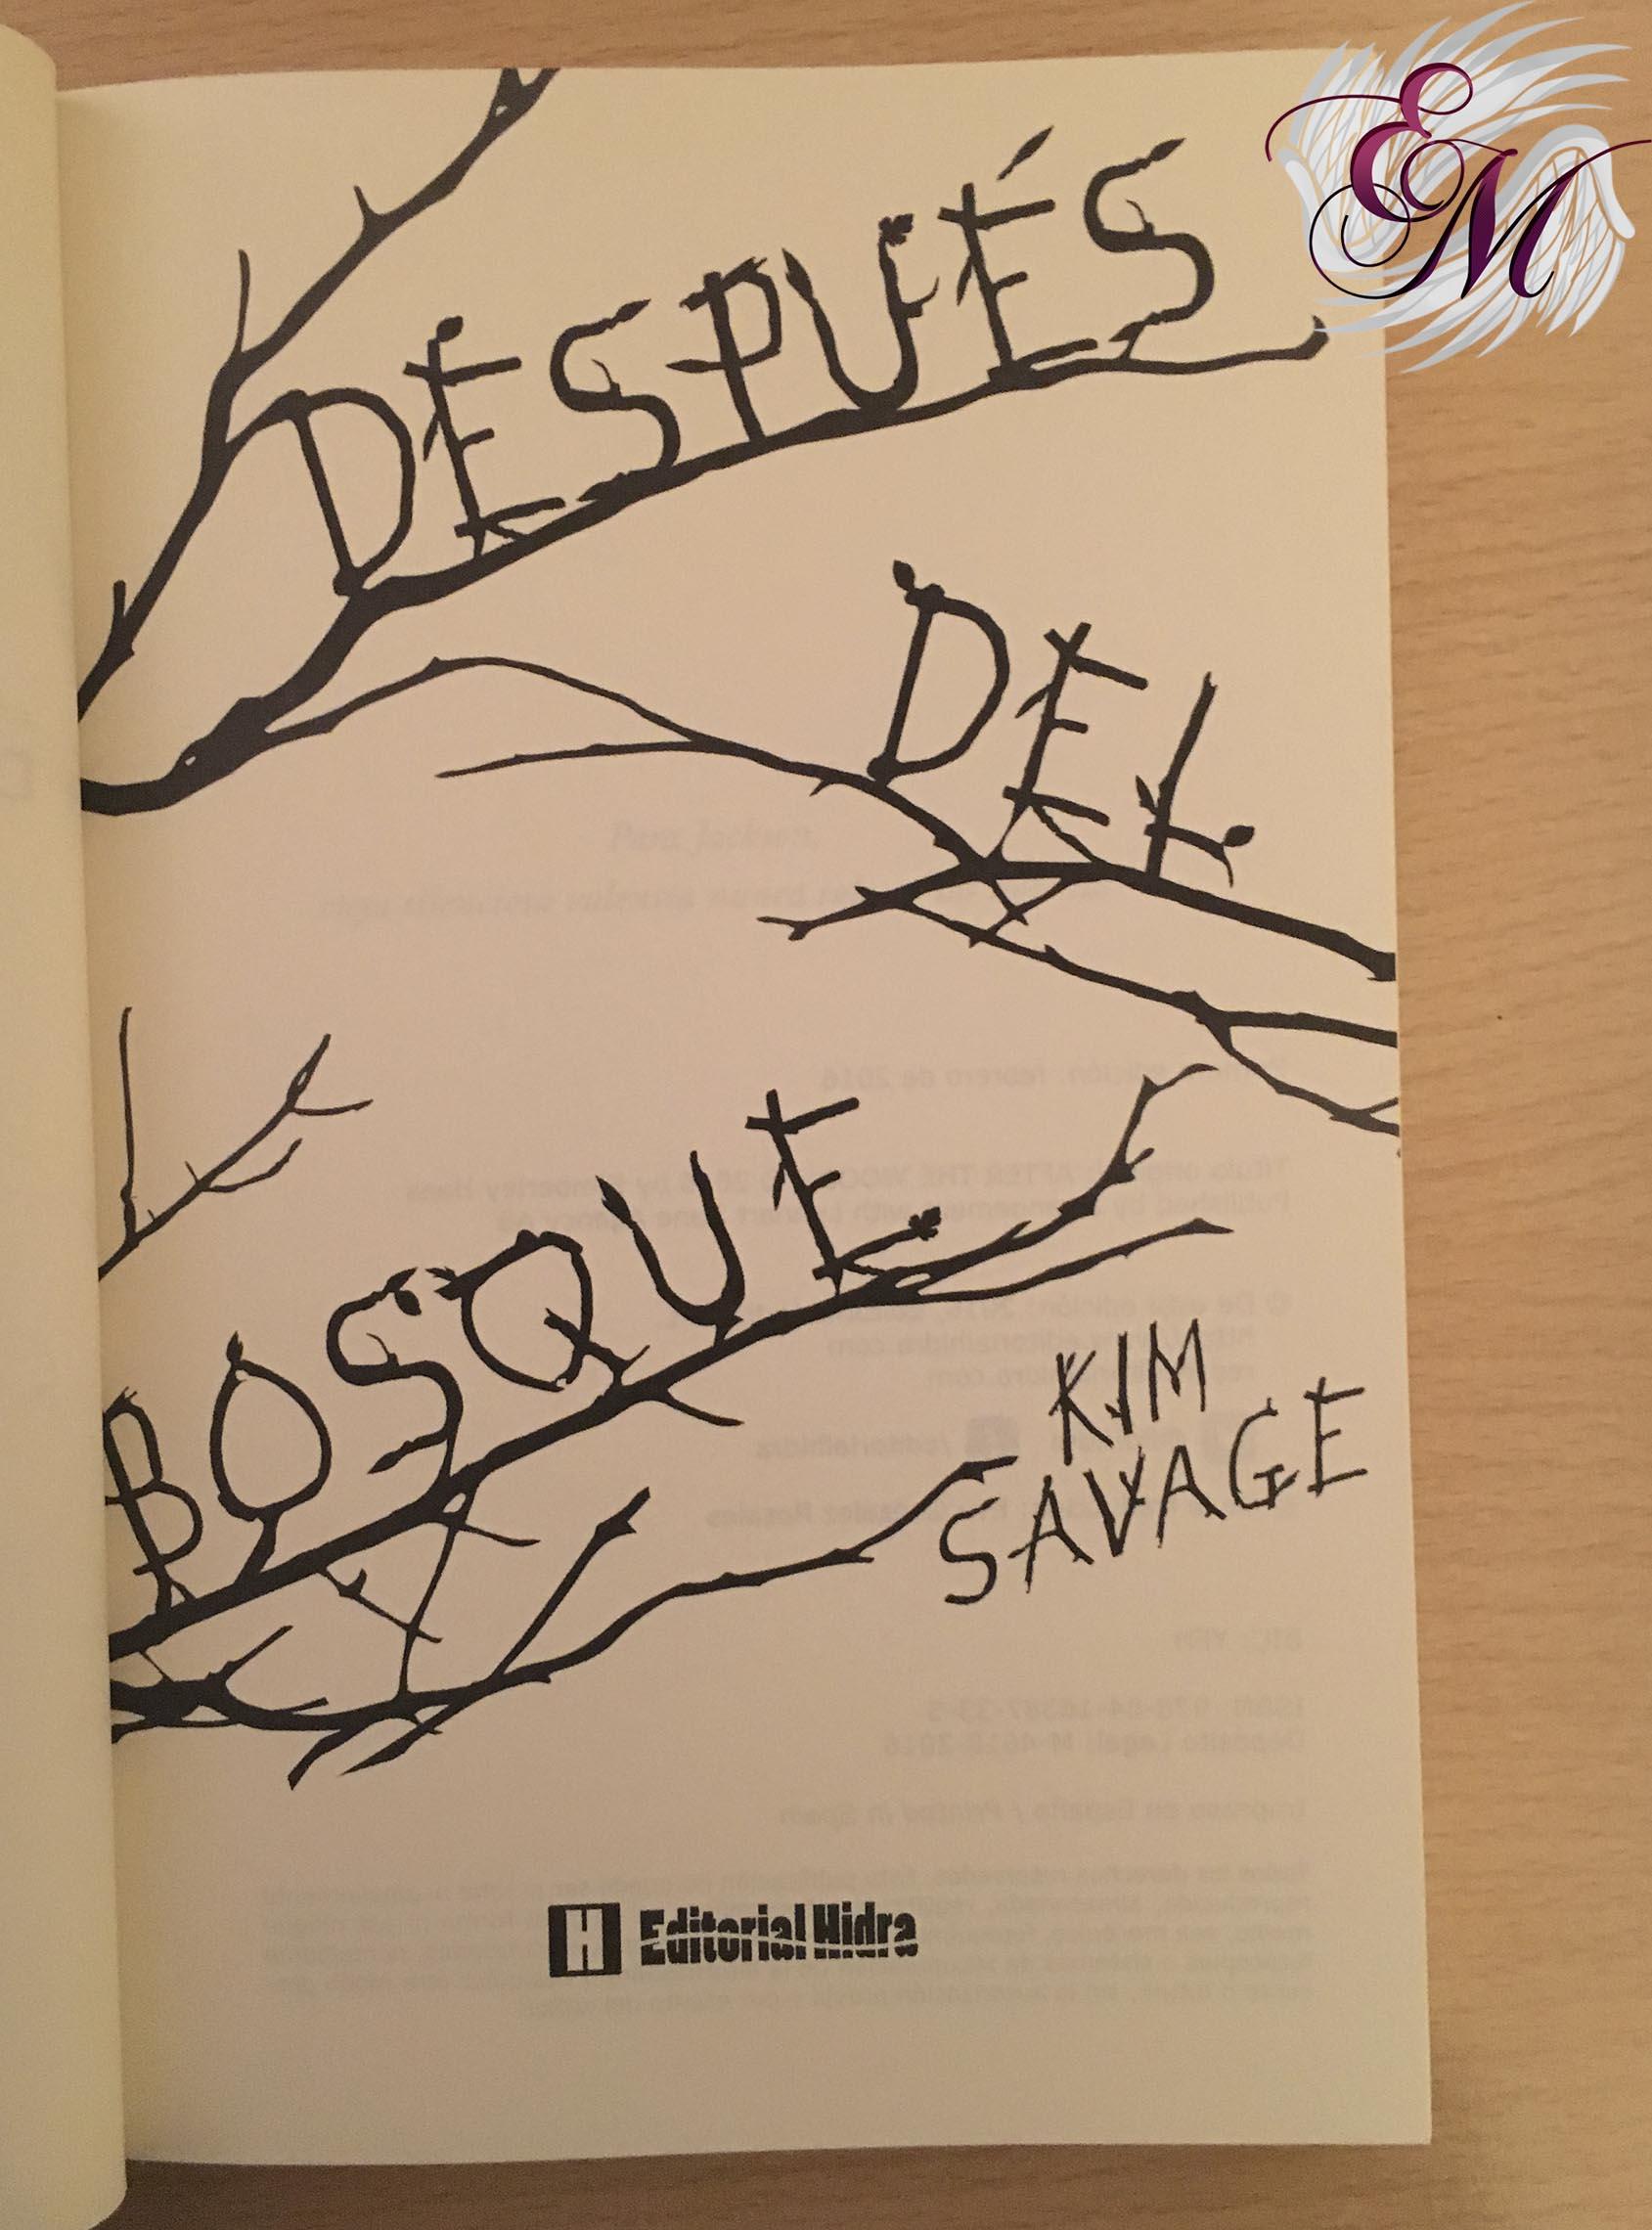 Después del bosque, de Kim Savage - Reseña